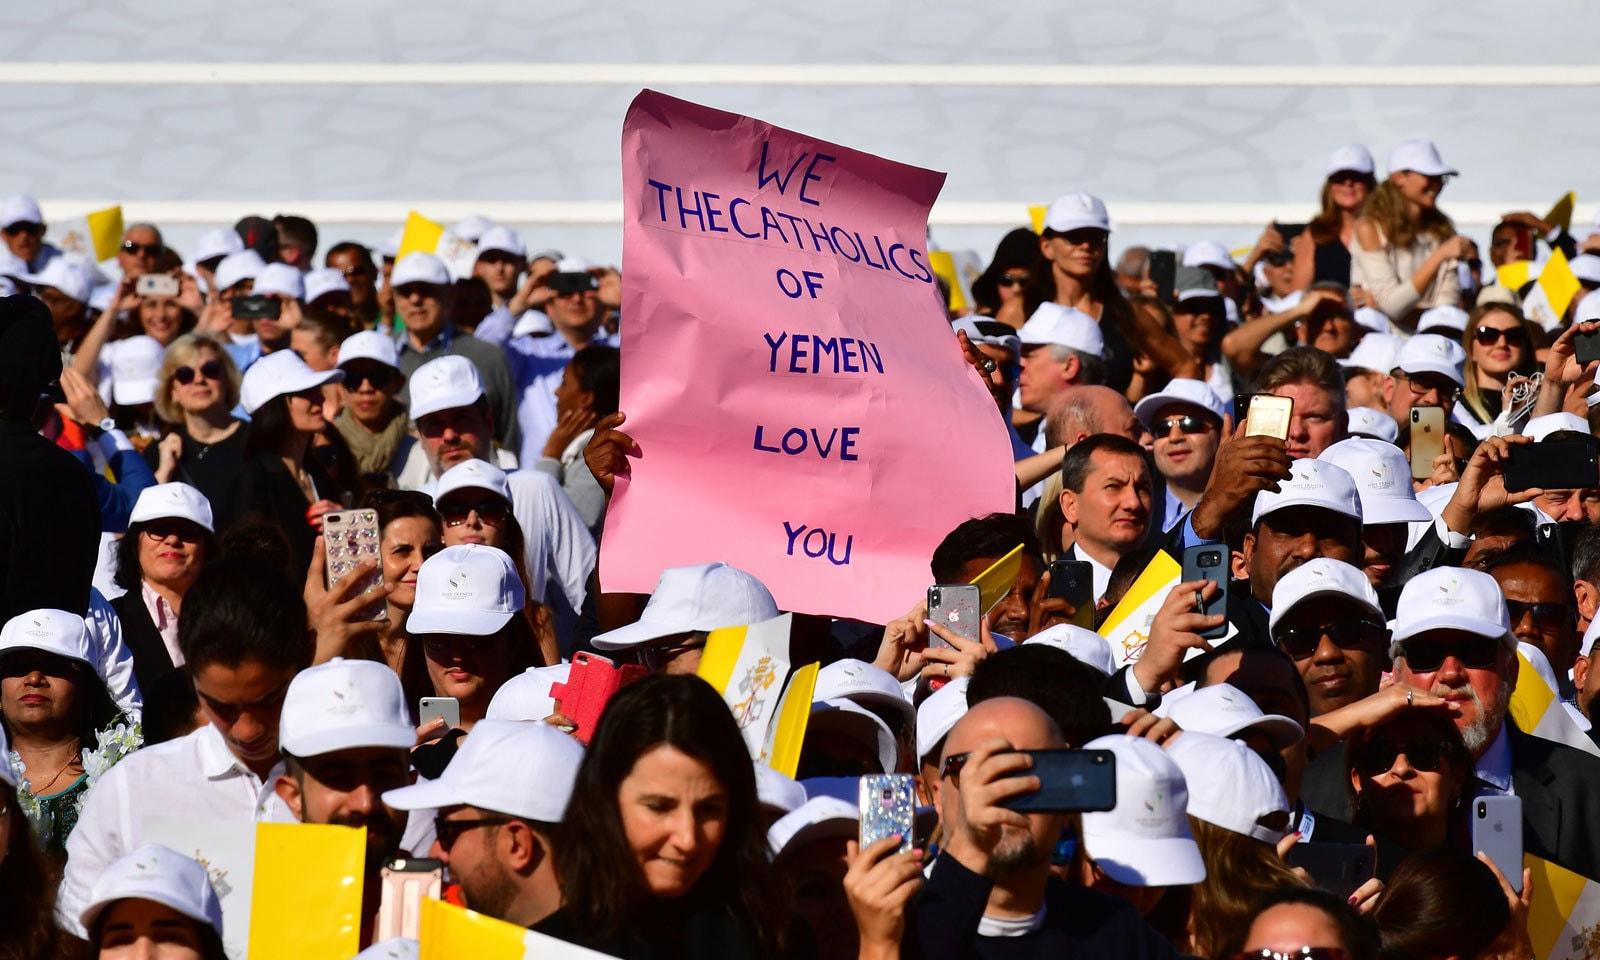 ہجوم میں شریک  کچھ افراد نے پوسٹر کارڈ کے ذریعے پوپ فرانسس کا استقبال کیا — فوٹو : اے ایف پی